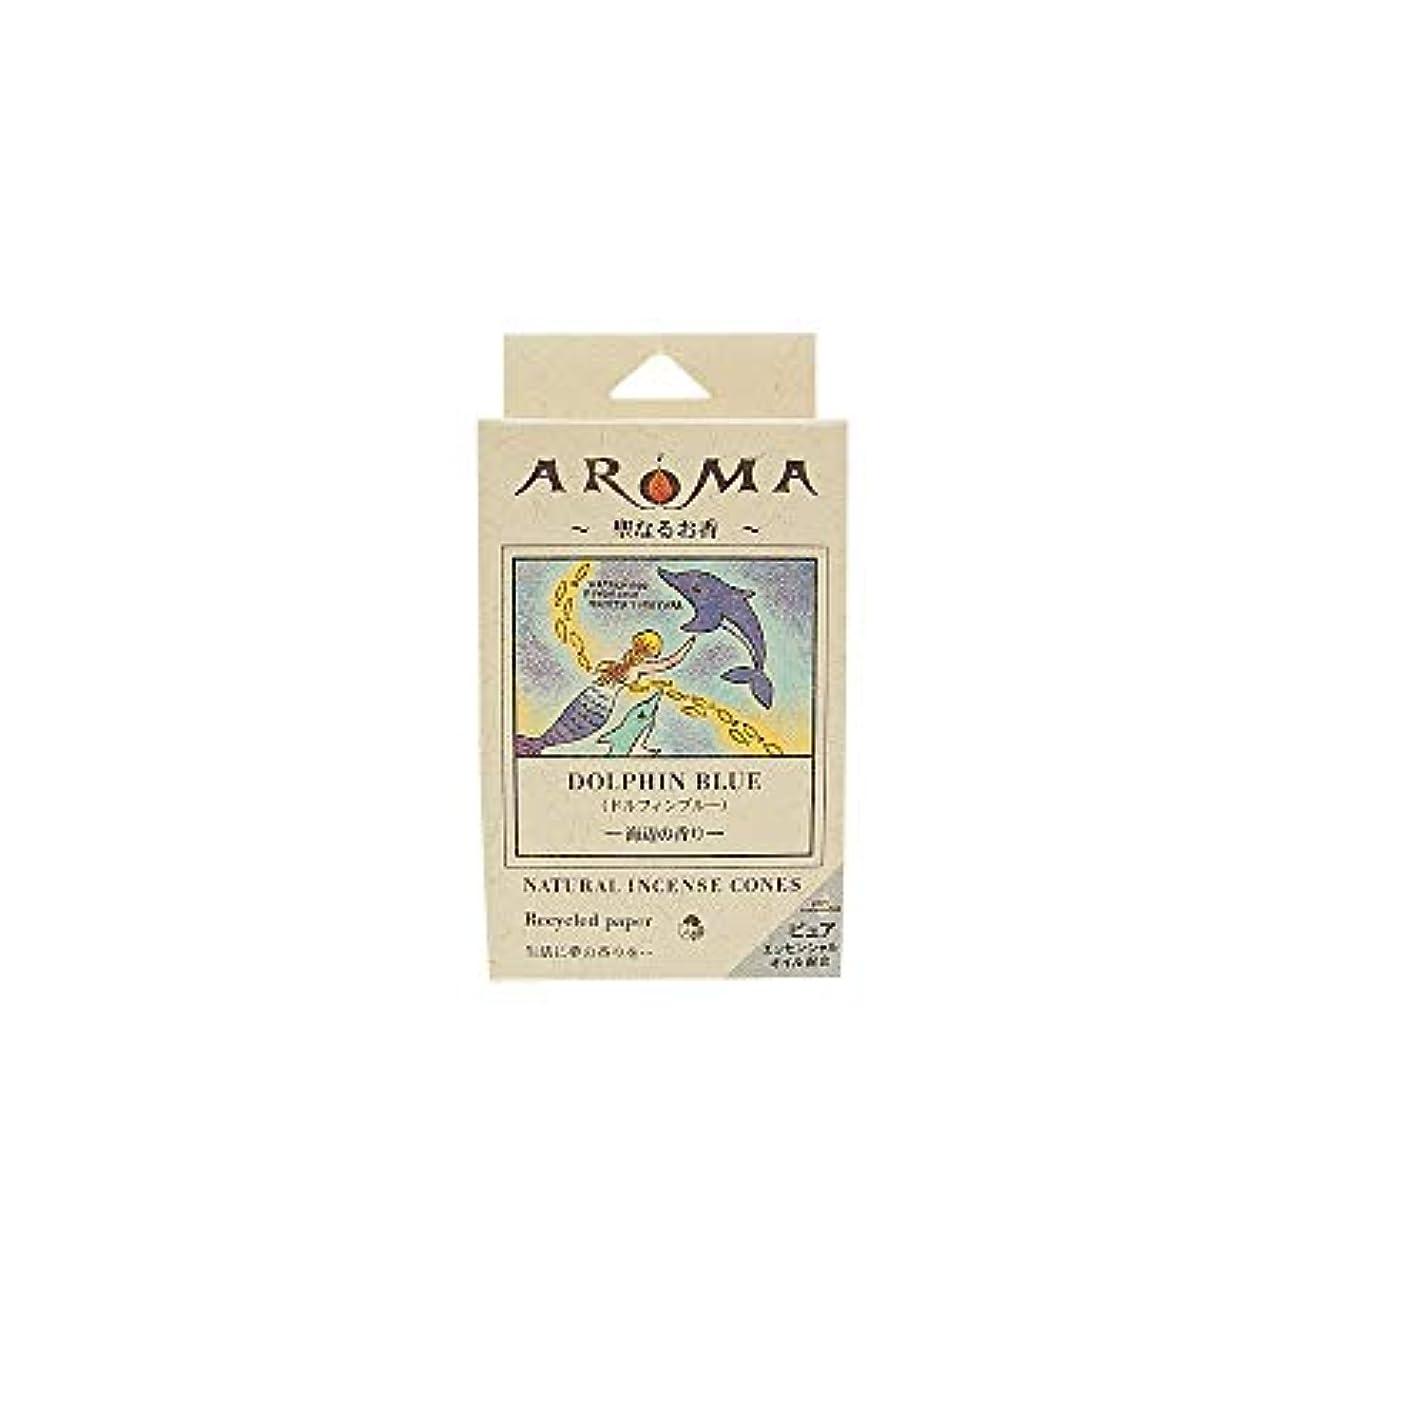 スリーブ代表恒久的アロマ香 ドルフィンブルー 16粒(コーンタイプインセンス 1粒の燃焼時間約20分 海辺の香り)